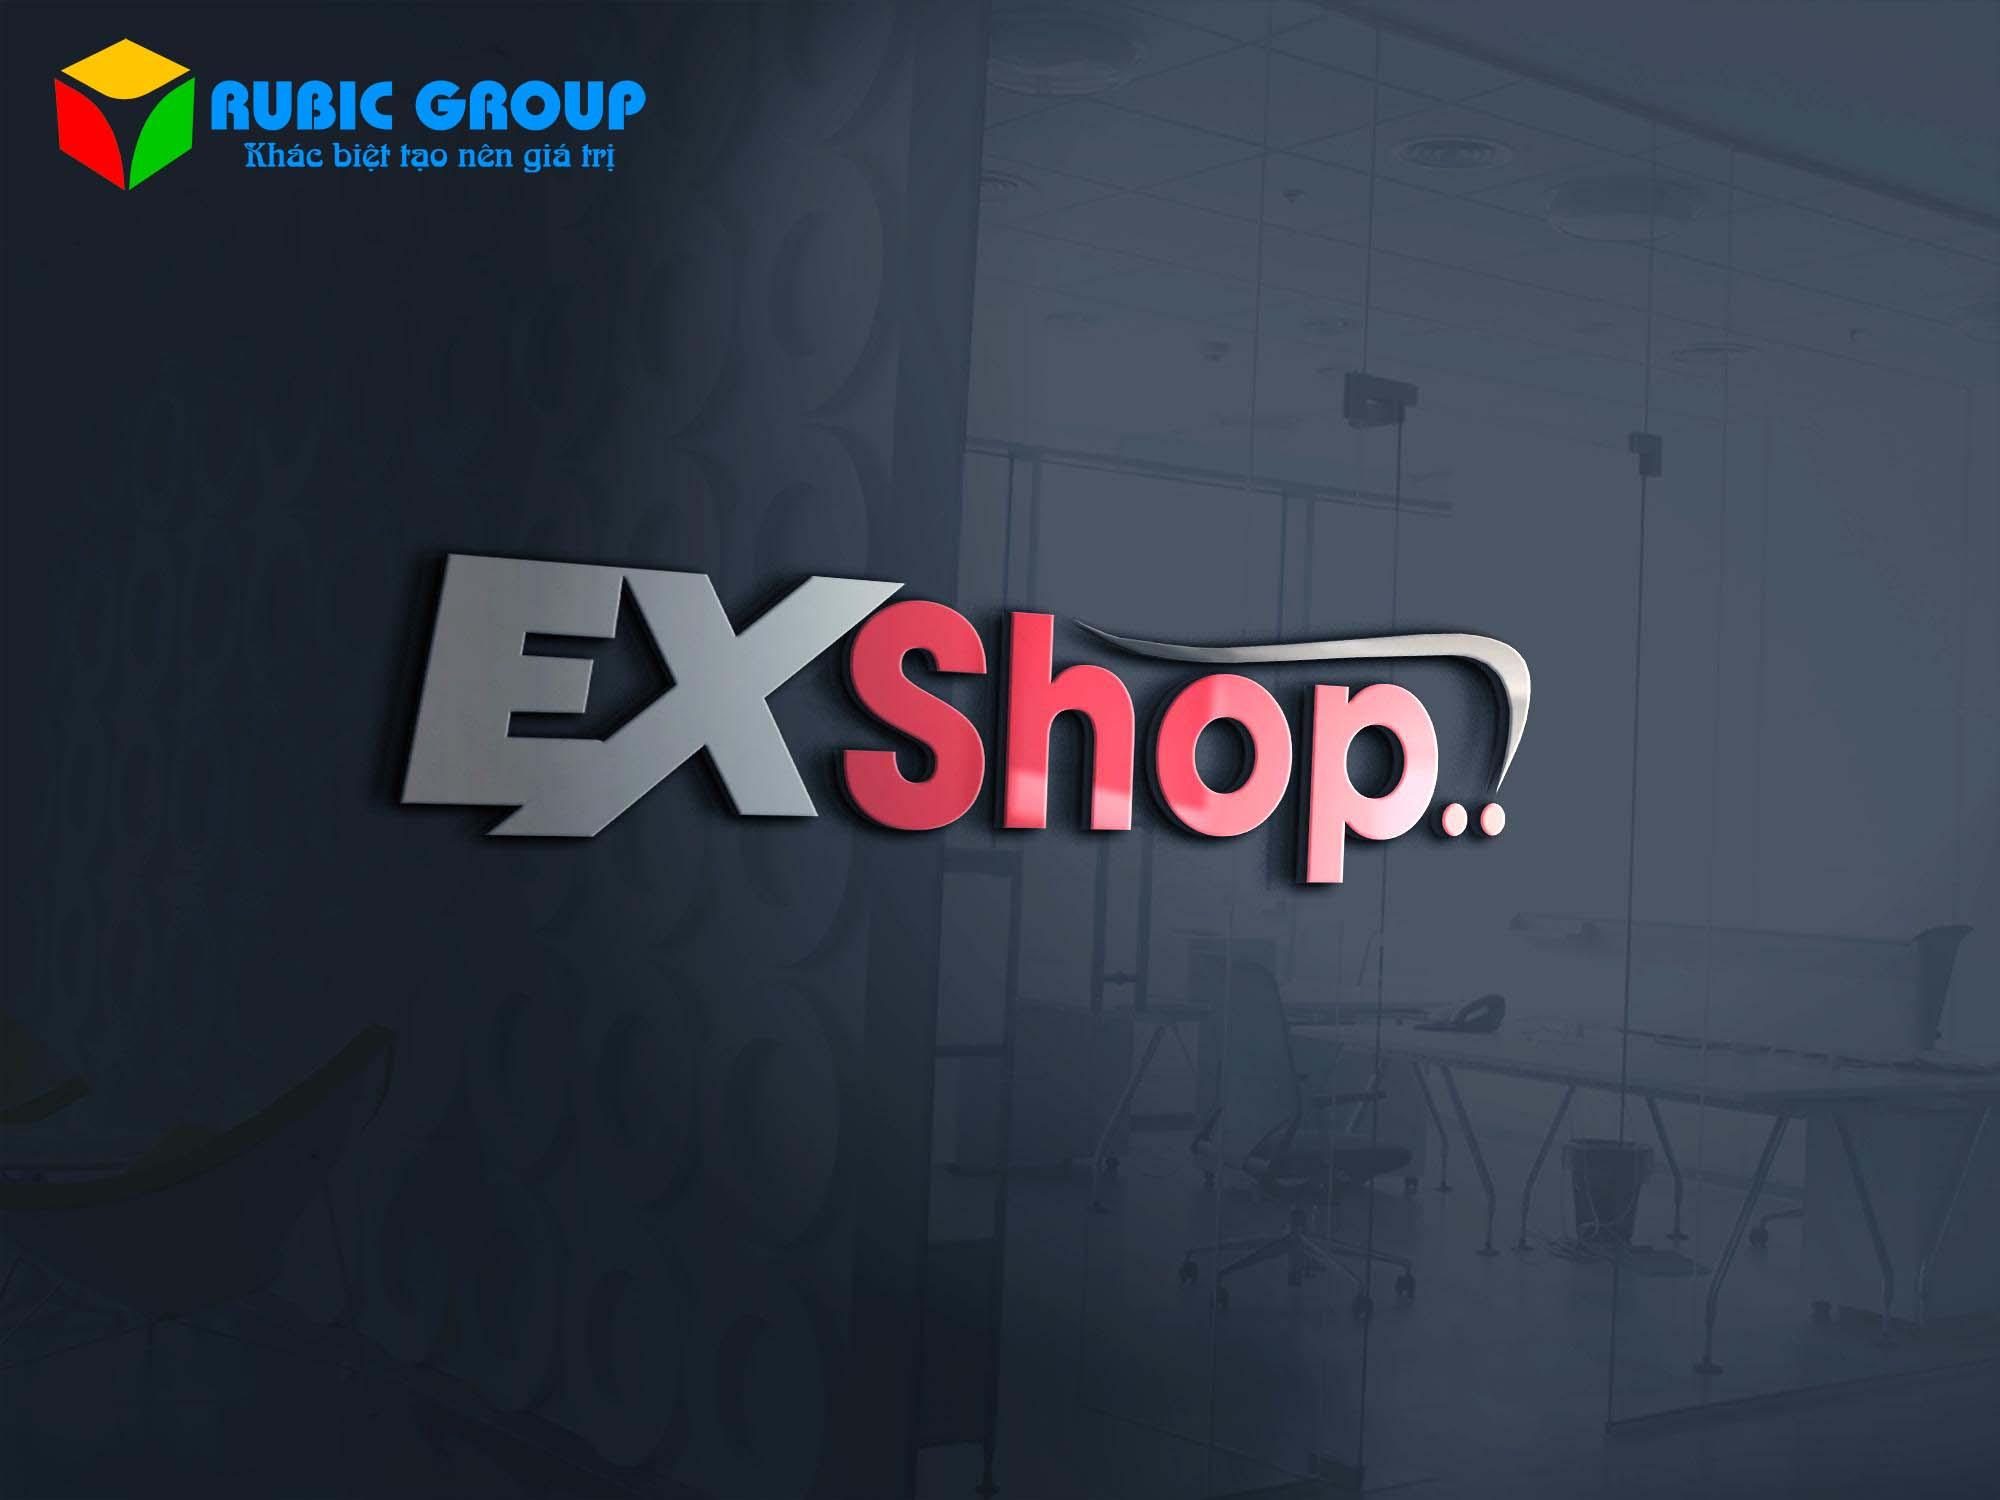 Logo biểu tuợng cho tinh thần và sức mạnh của doanh nghiệp 1